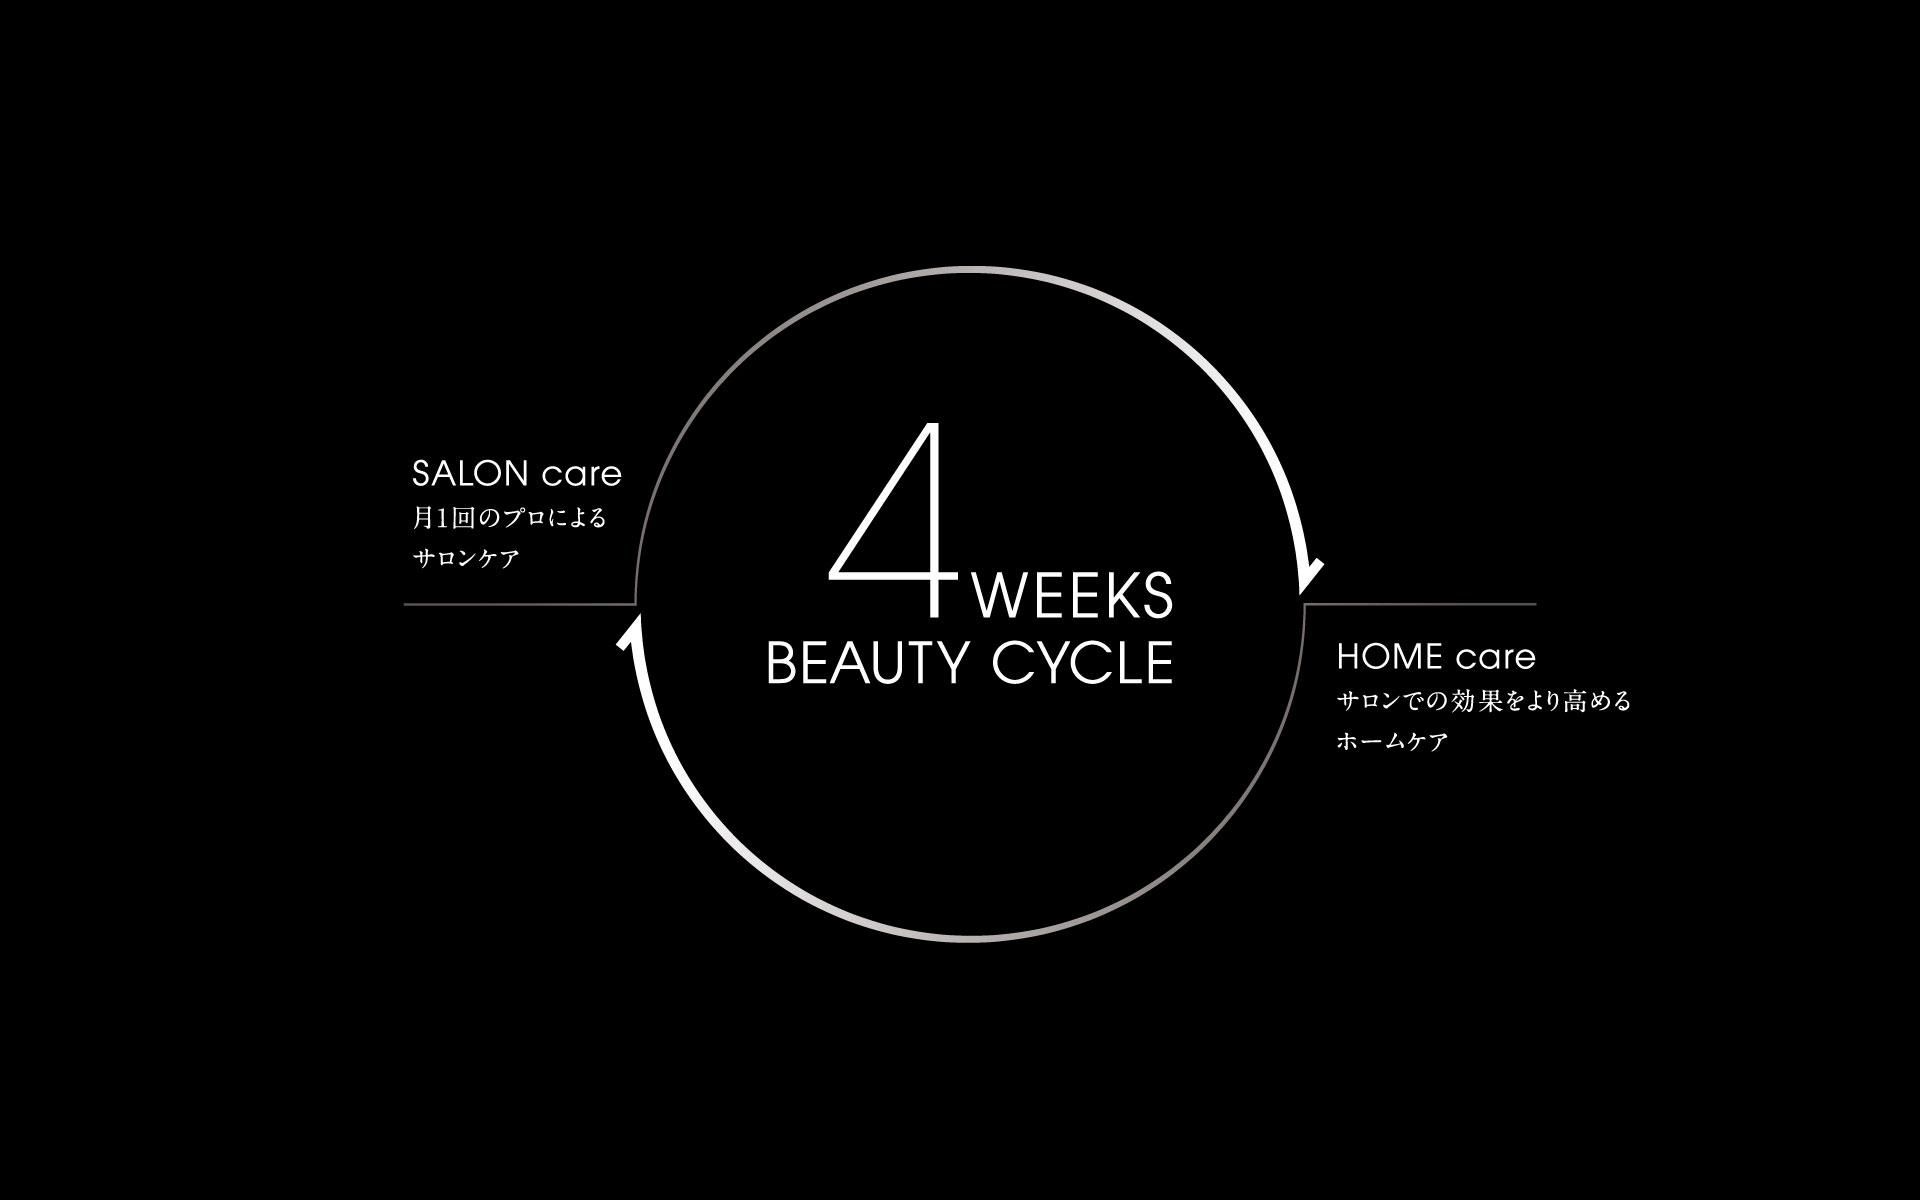 4weeks beauty cycle 岡山市田中の美容室 美容院 karuta hair カルタ